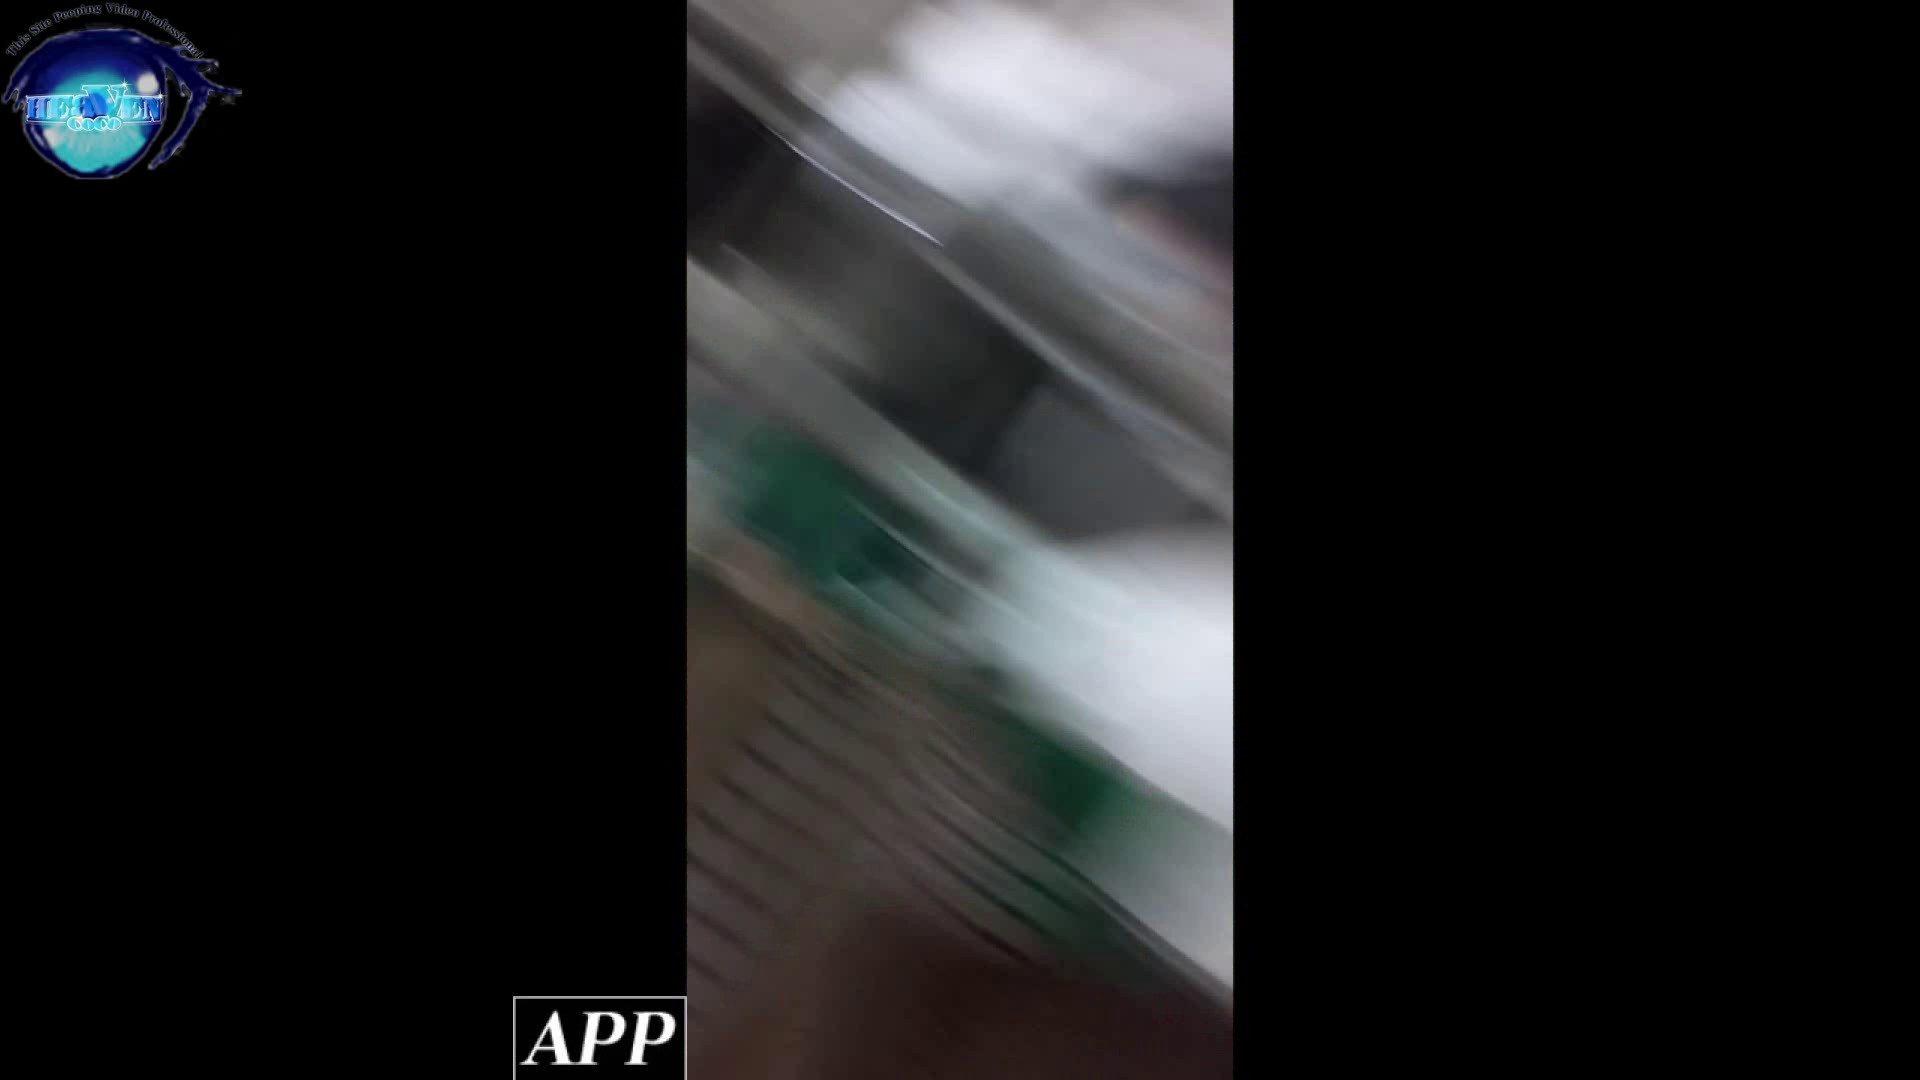 ハイビジョン盗撮!ショップ店員千人斬り!胸チラ編 vol.60 チクビ | 盗撮  83pic 15